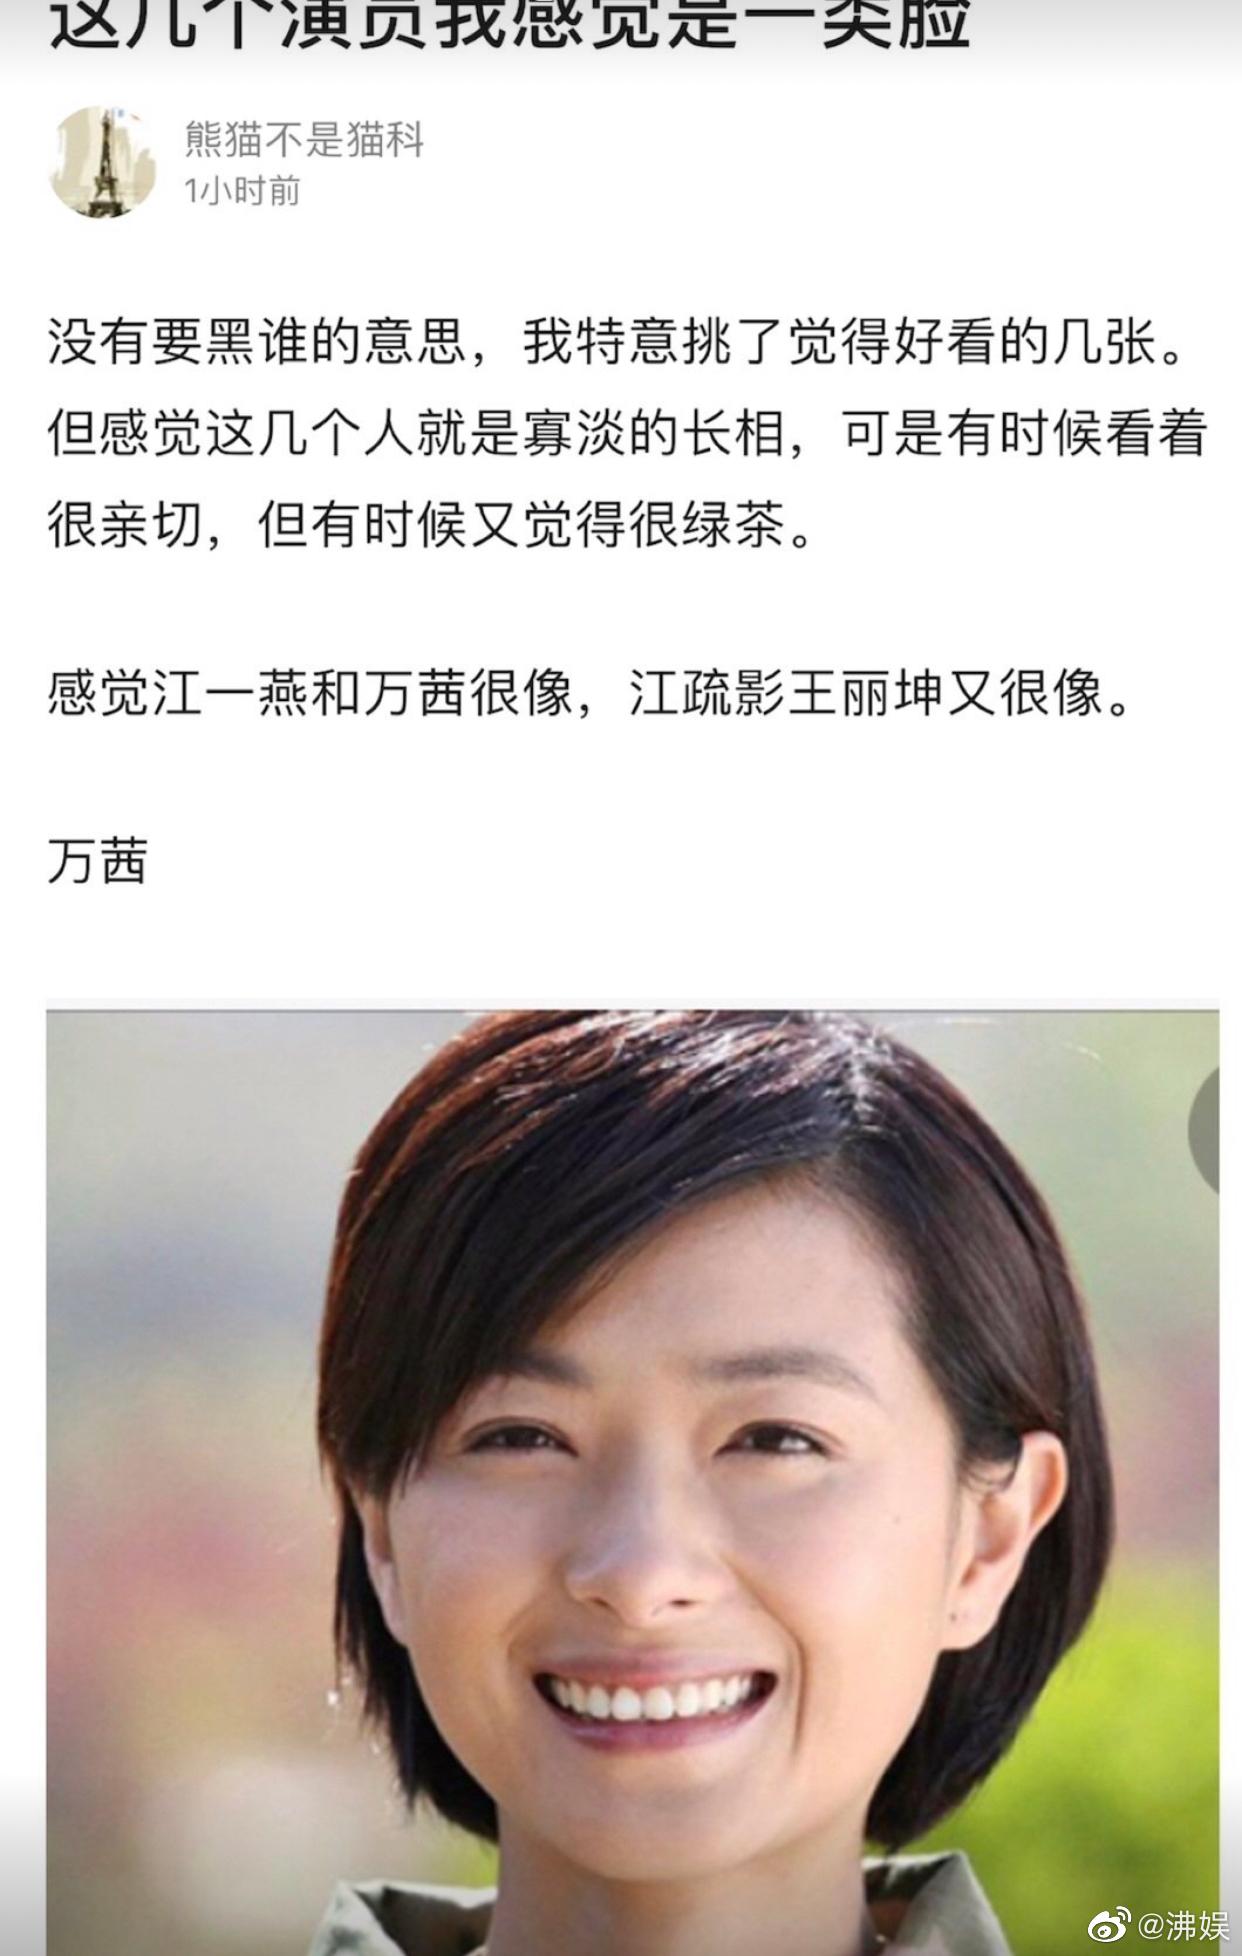 网友热议:万茜、江一燕、王丽坤、江疏影还有蓝盈莹面相是一类脸